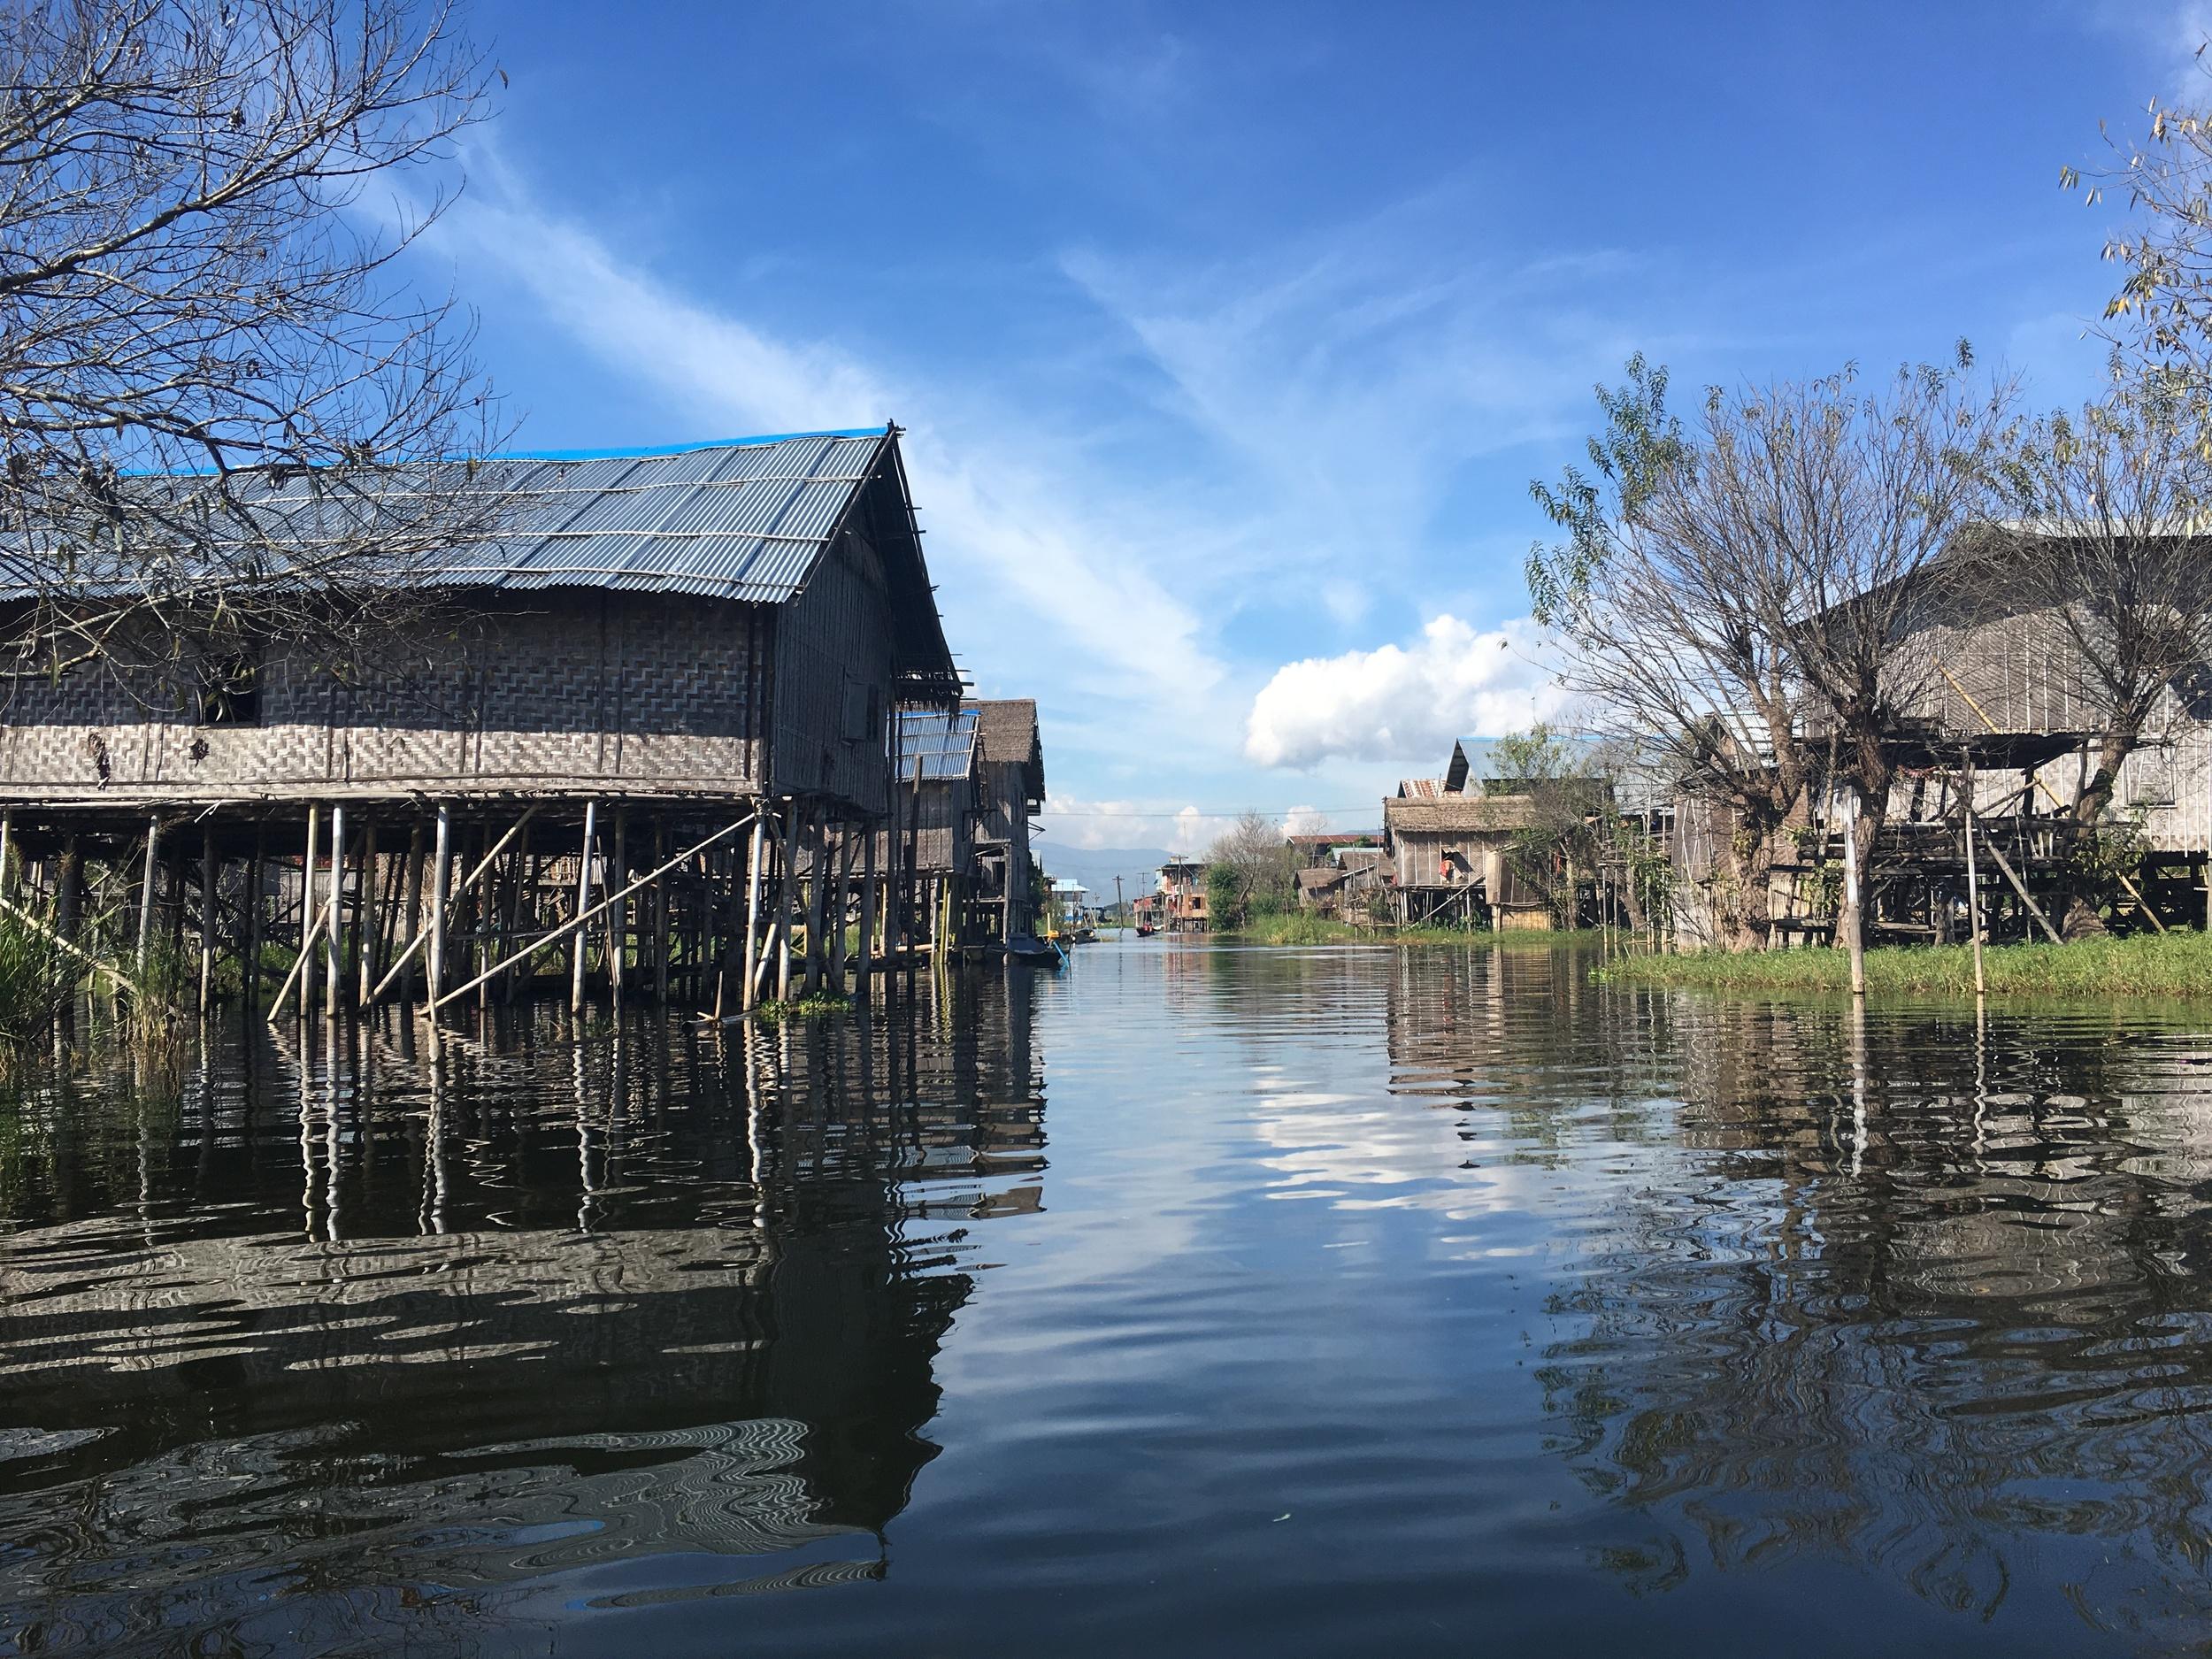 More lake village